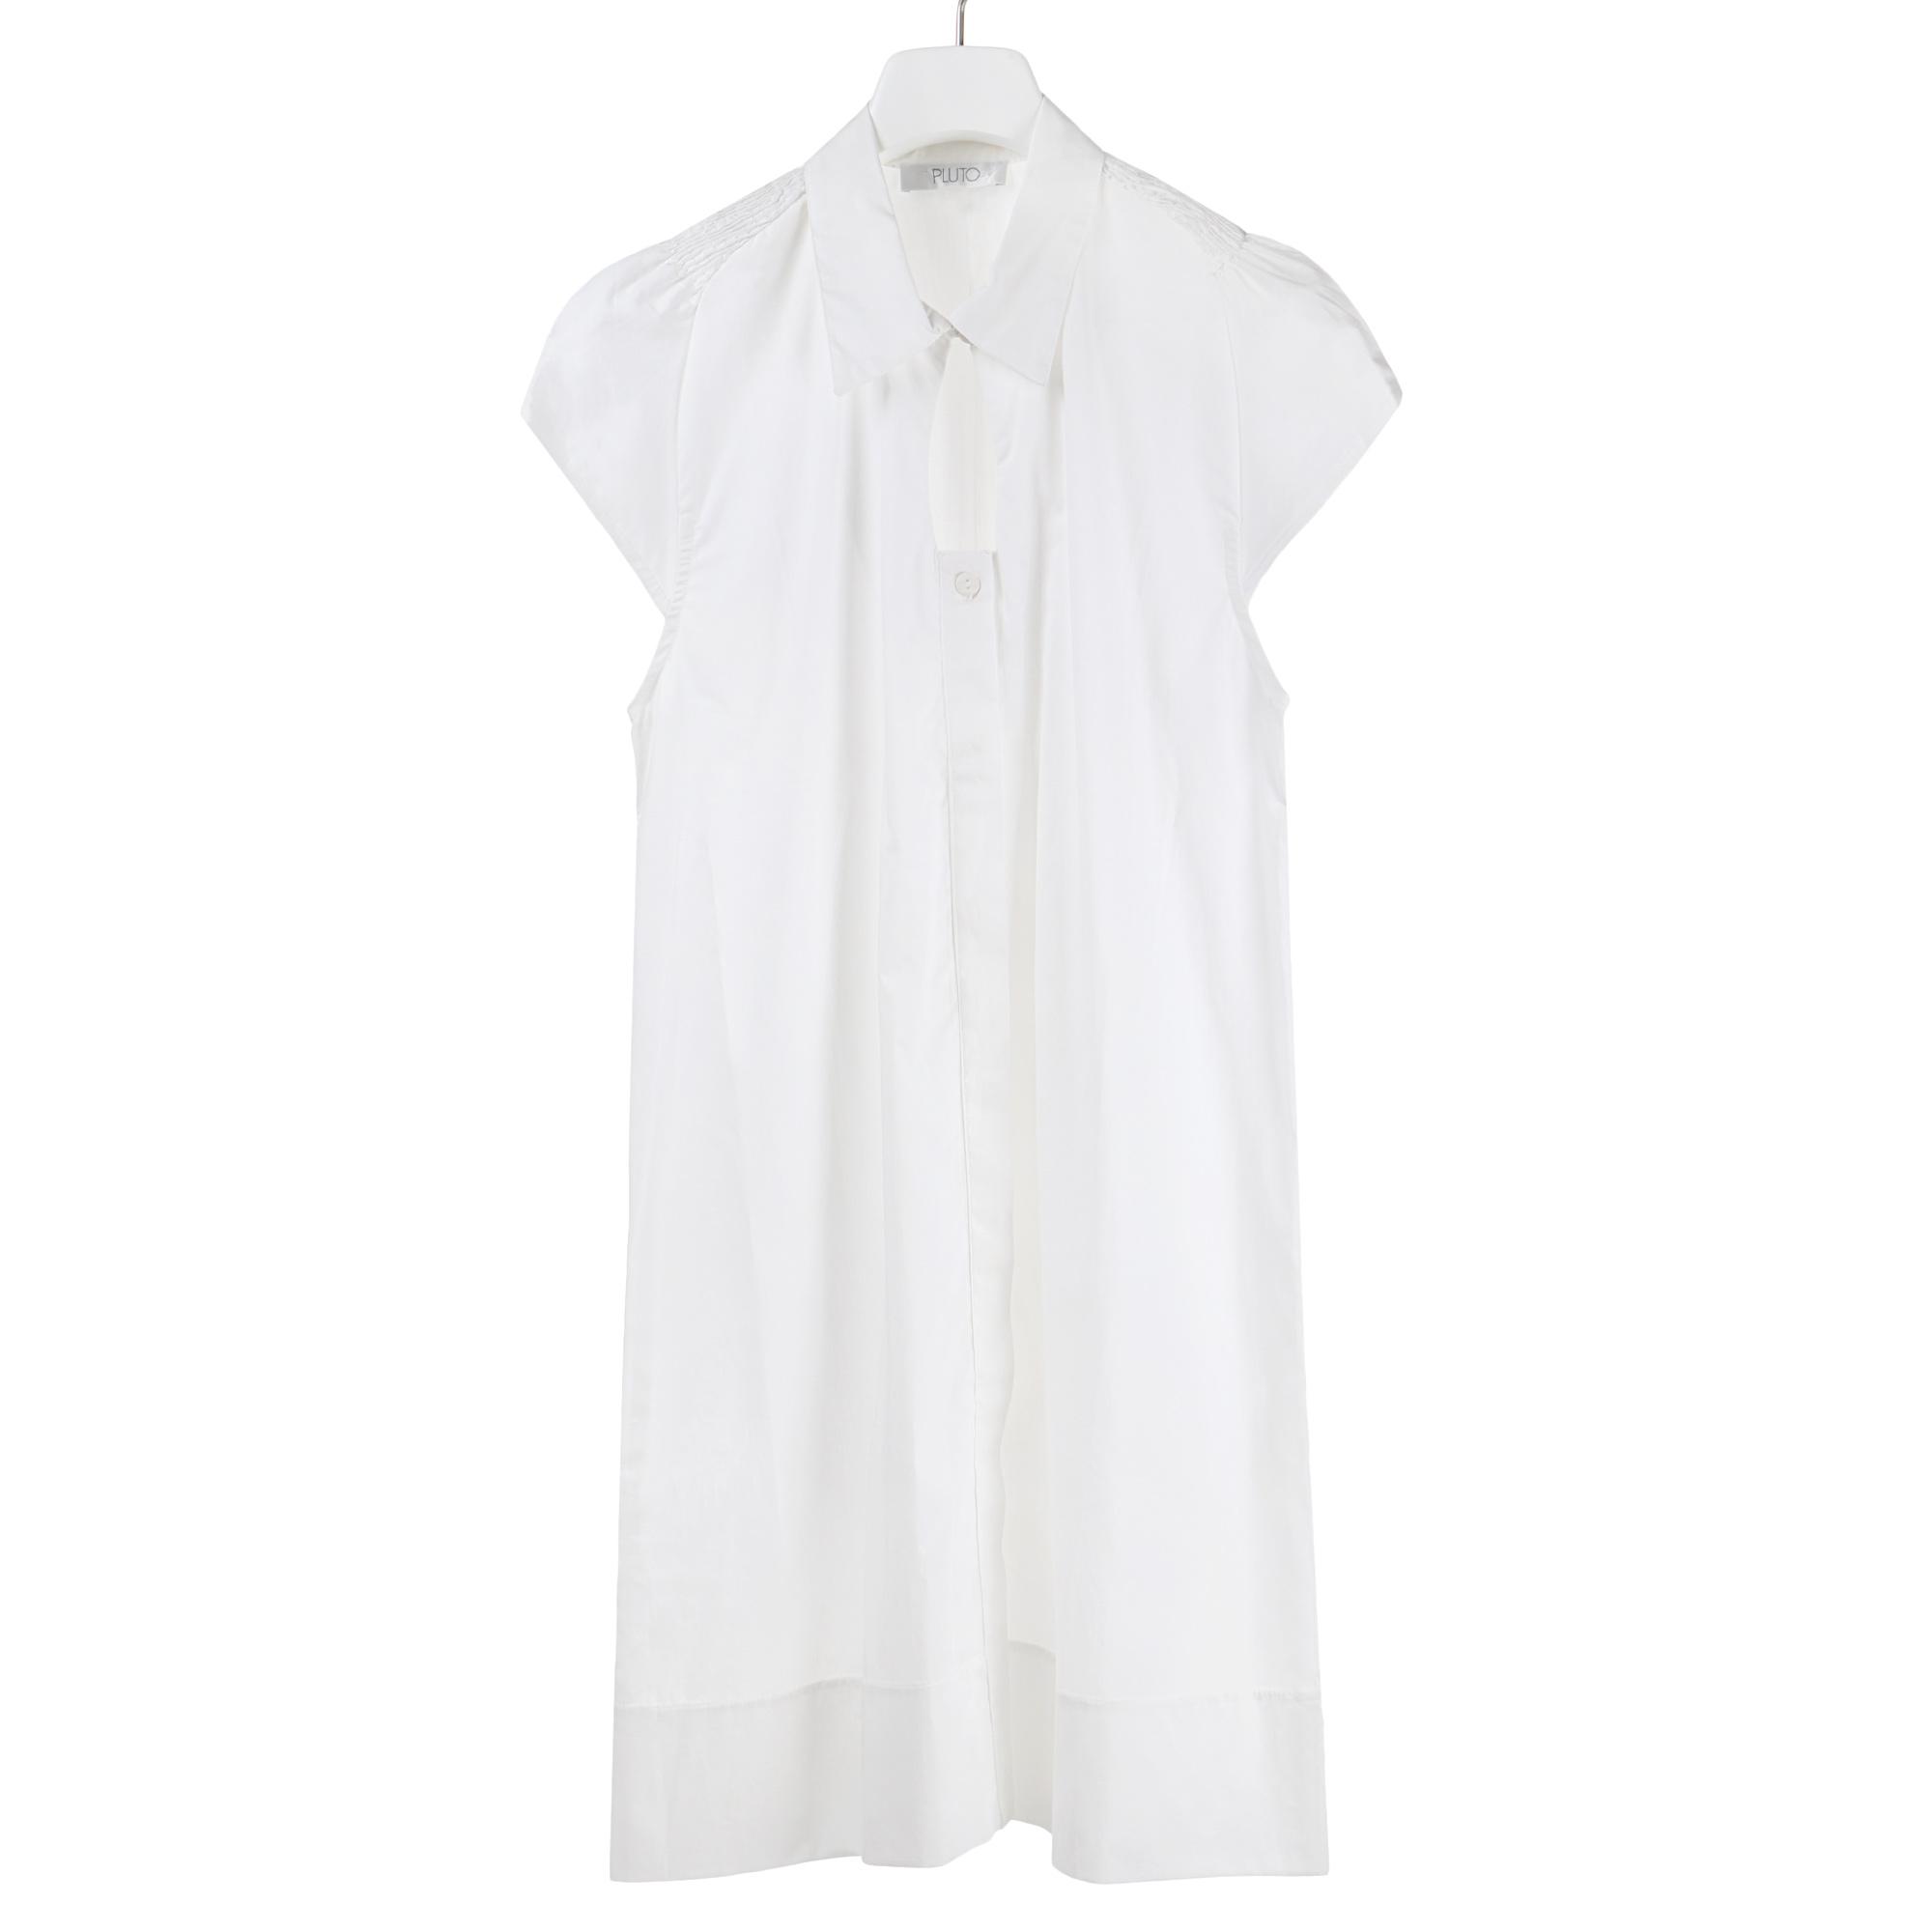 Платье женское пляжное Pluto XS недорого